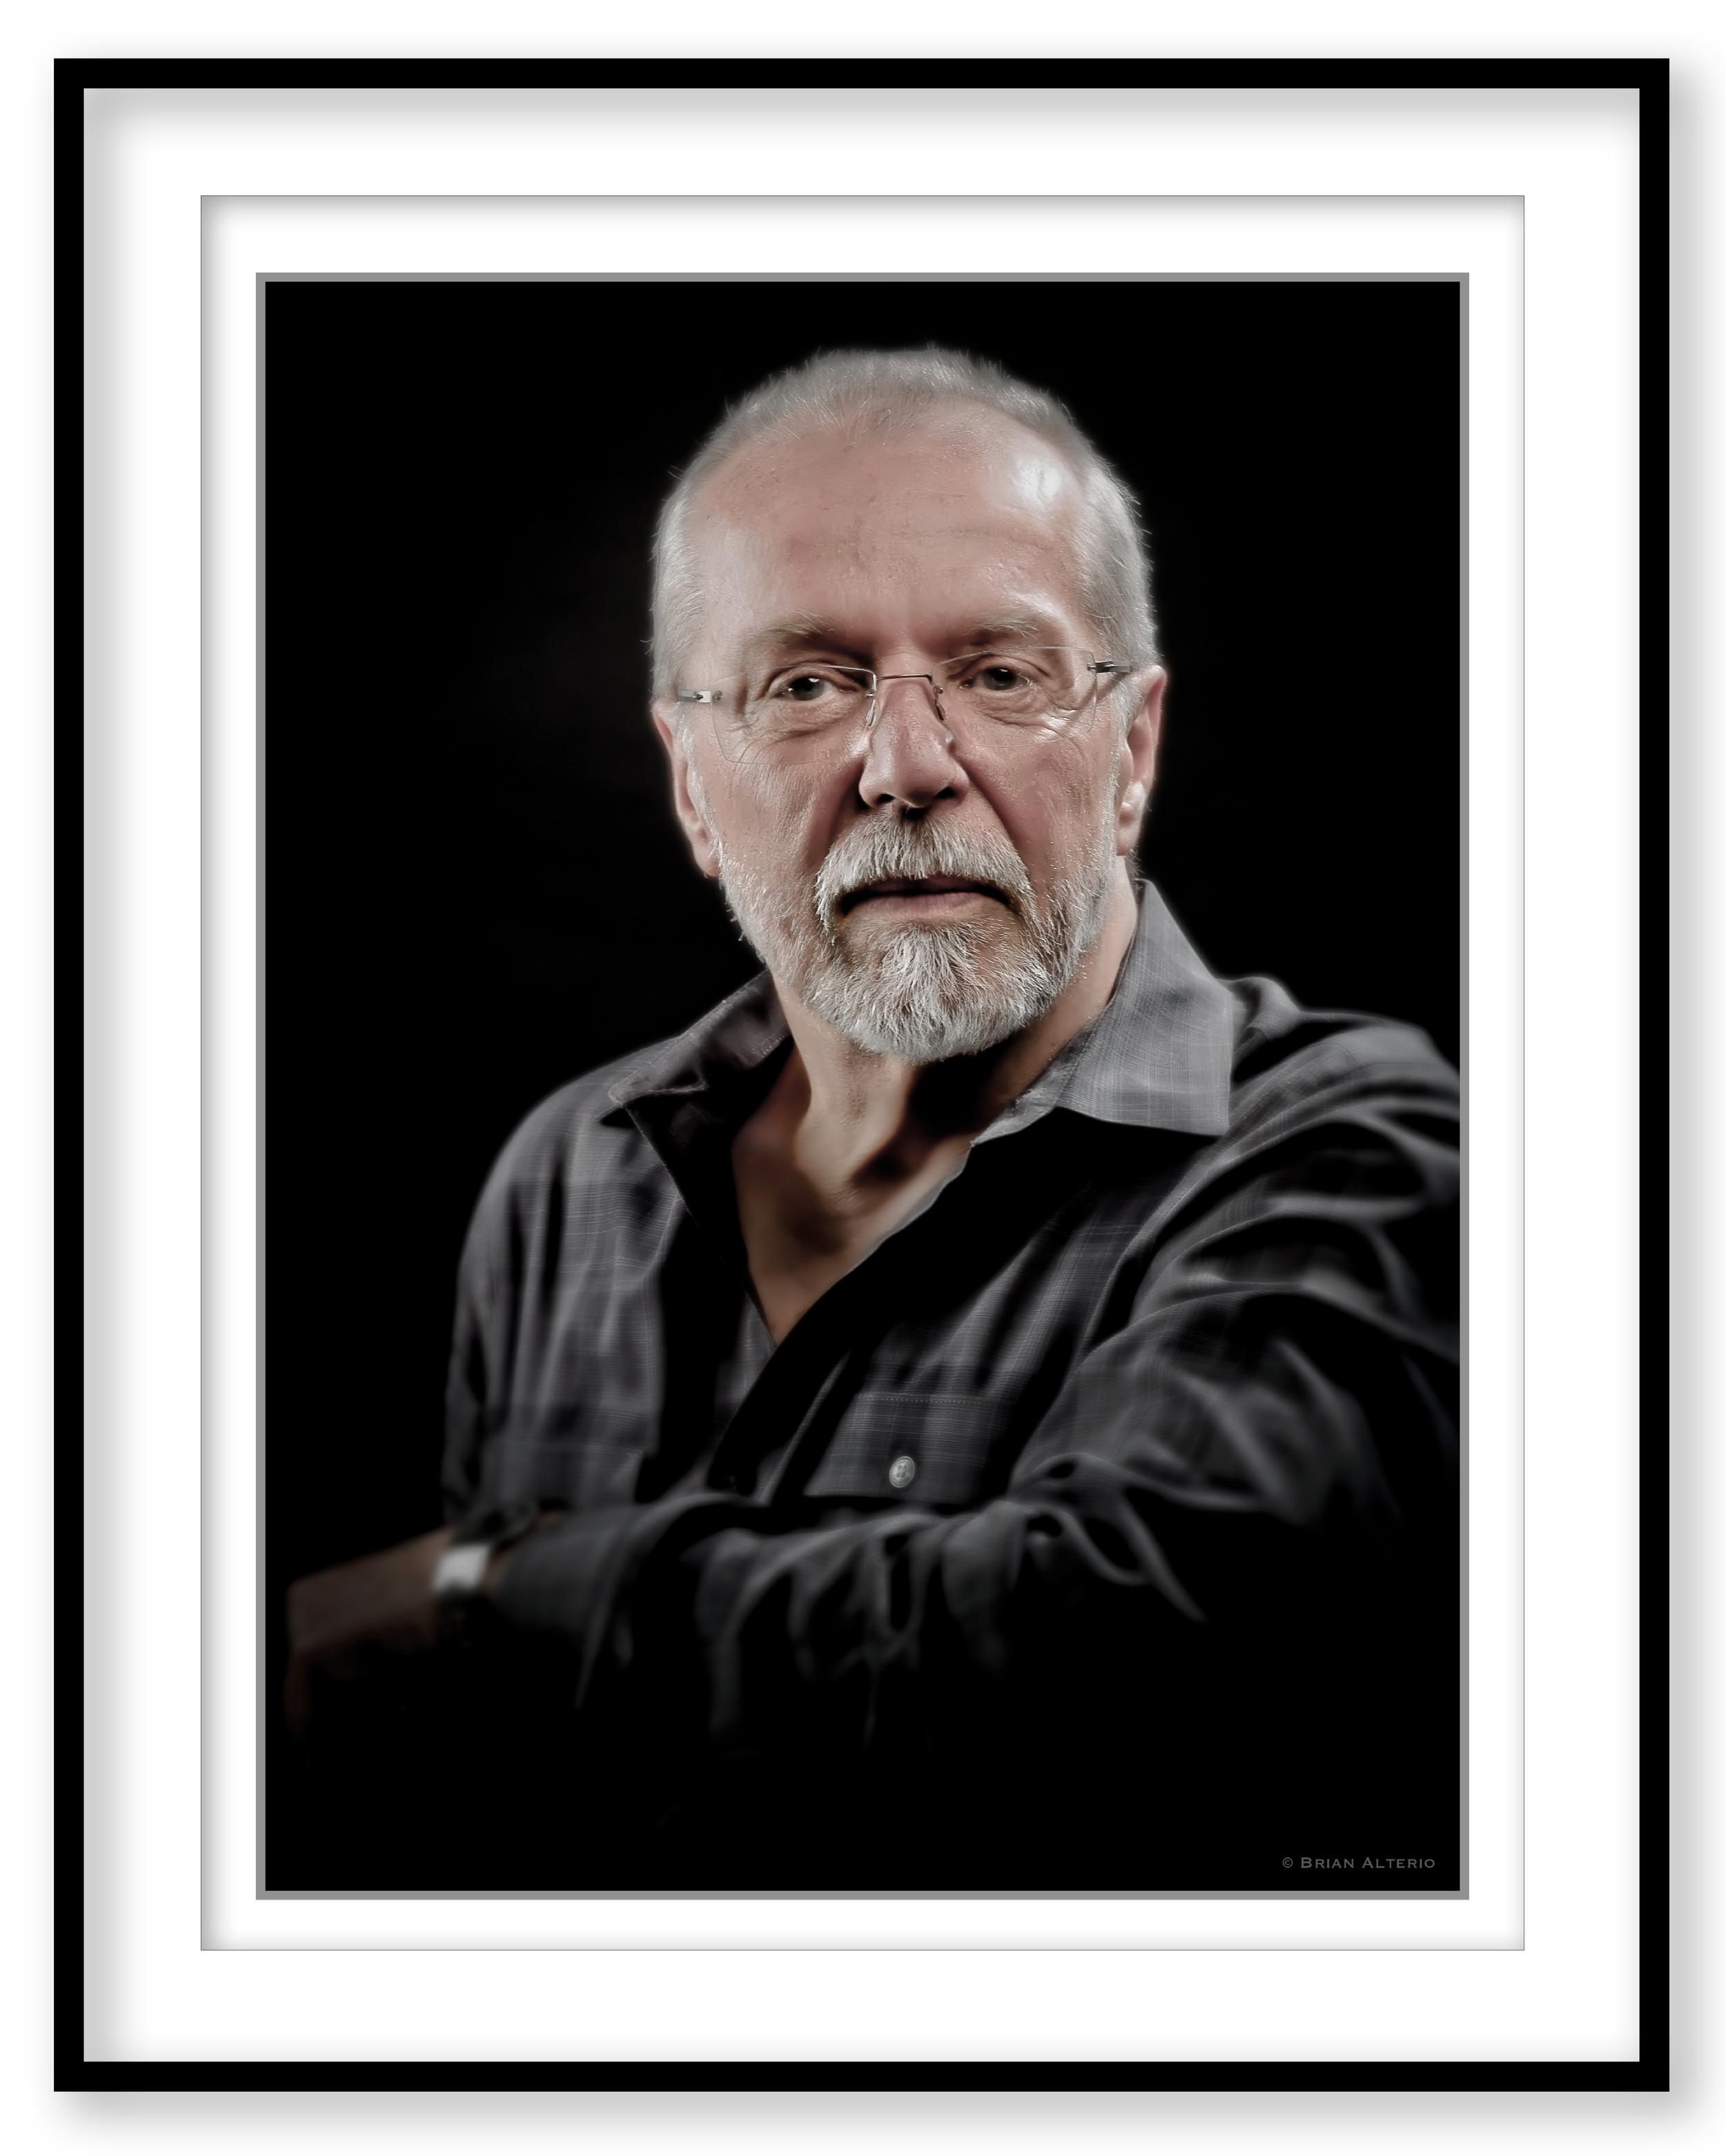 David #3 - Framed.jpg